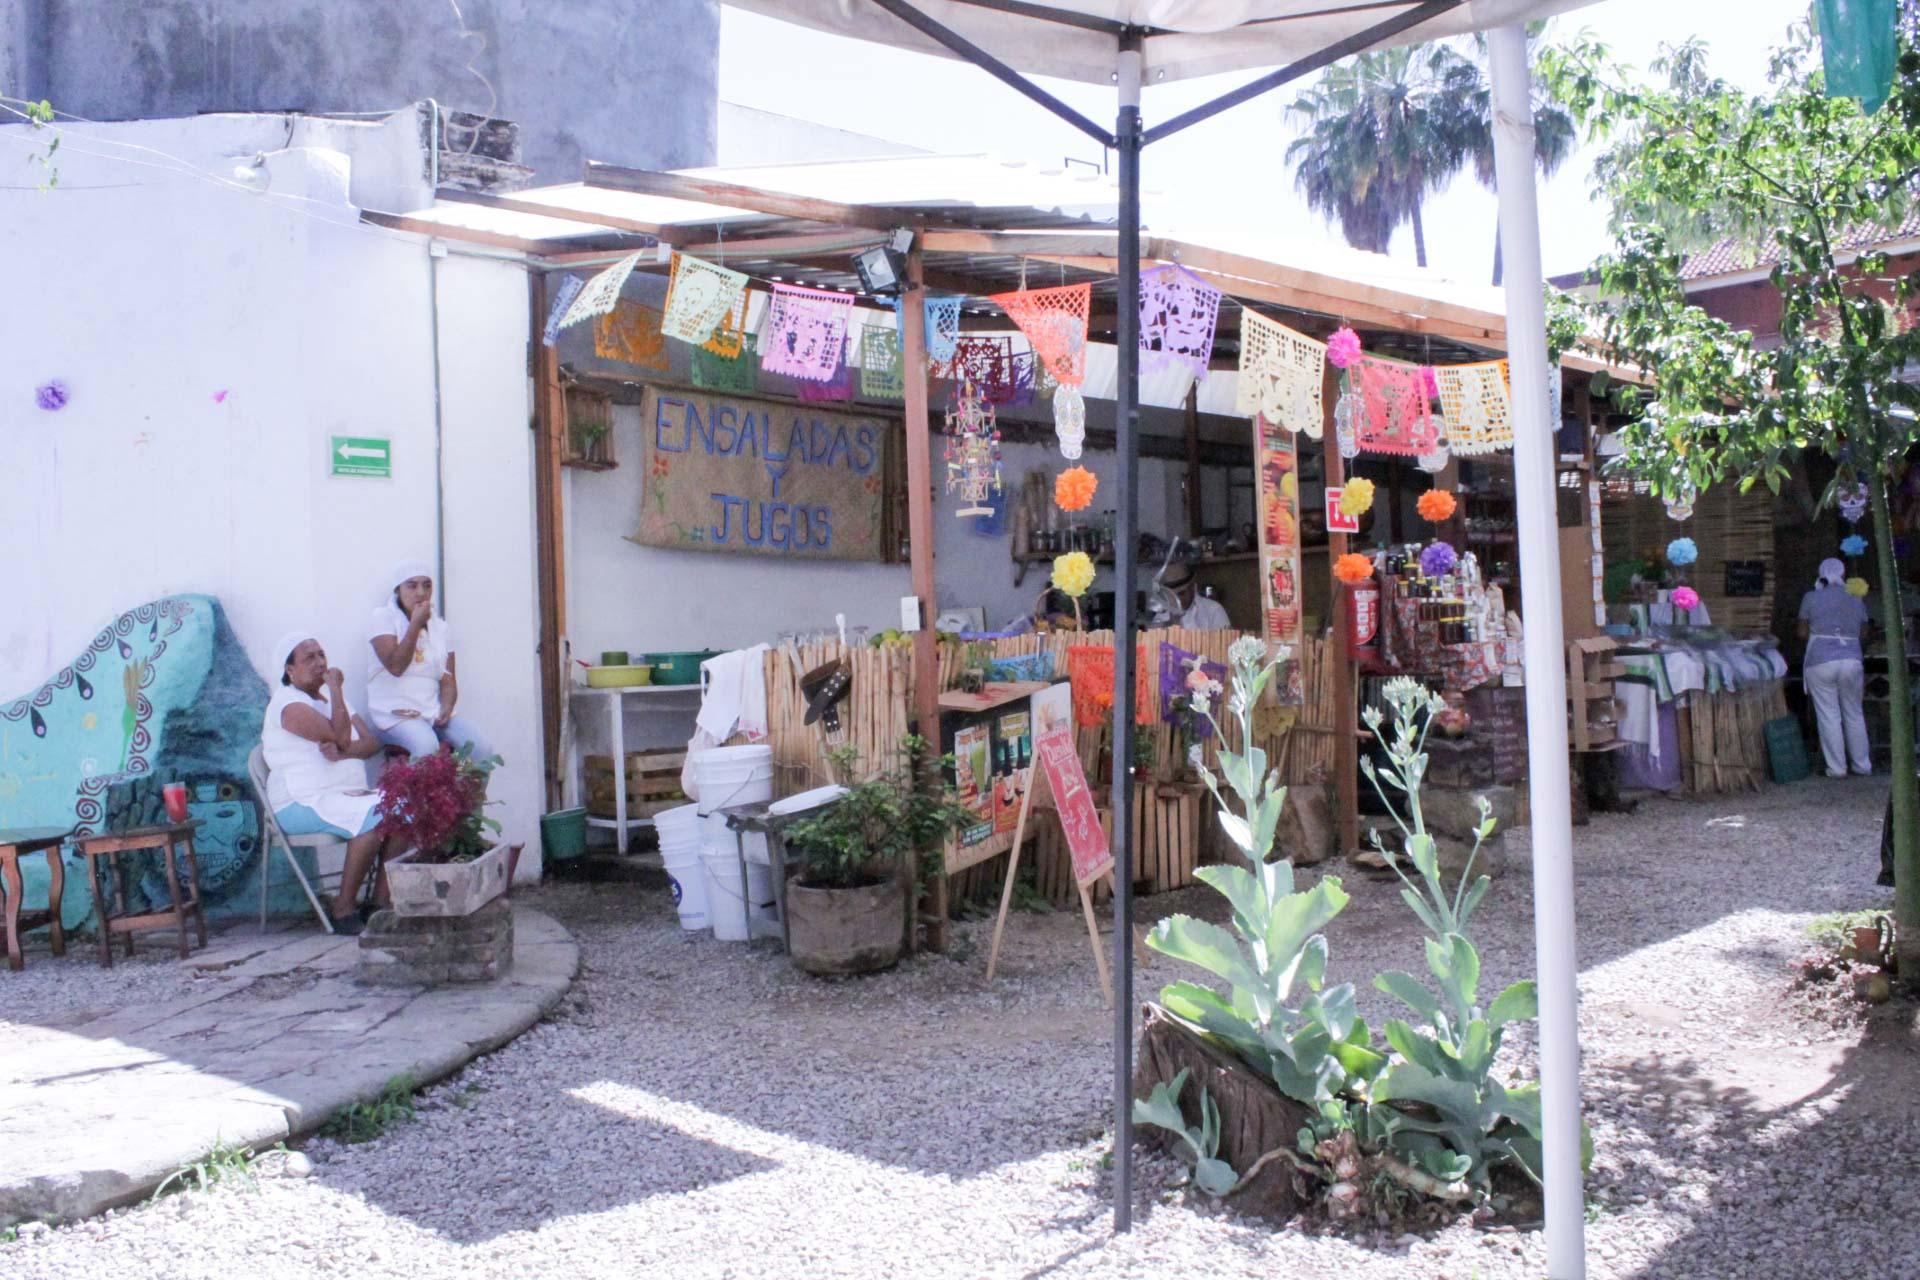 Oaxaca-11.5.17 (11 of 35).jpg